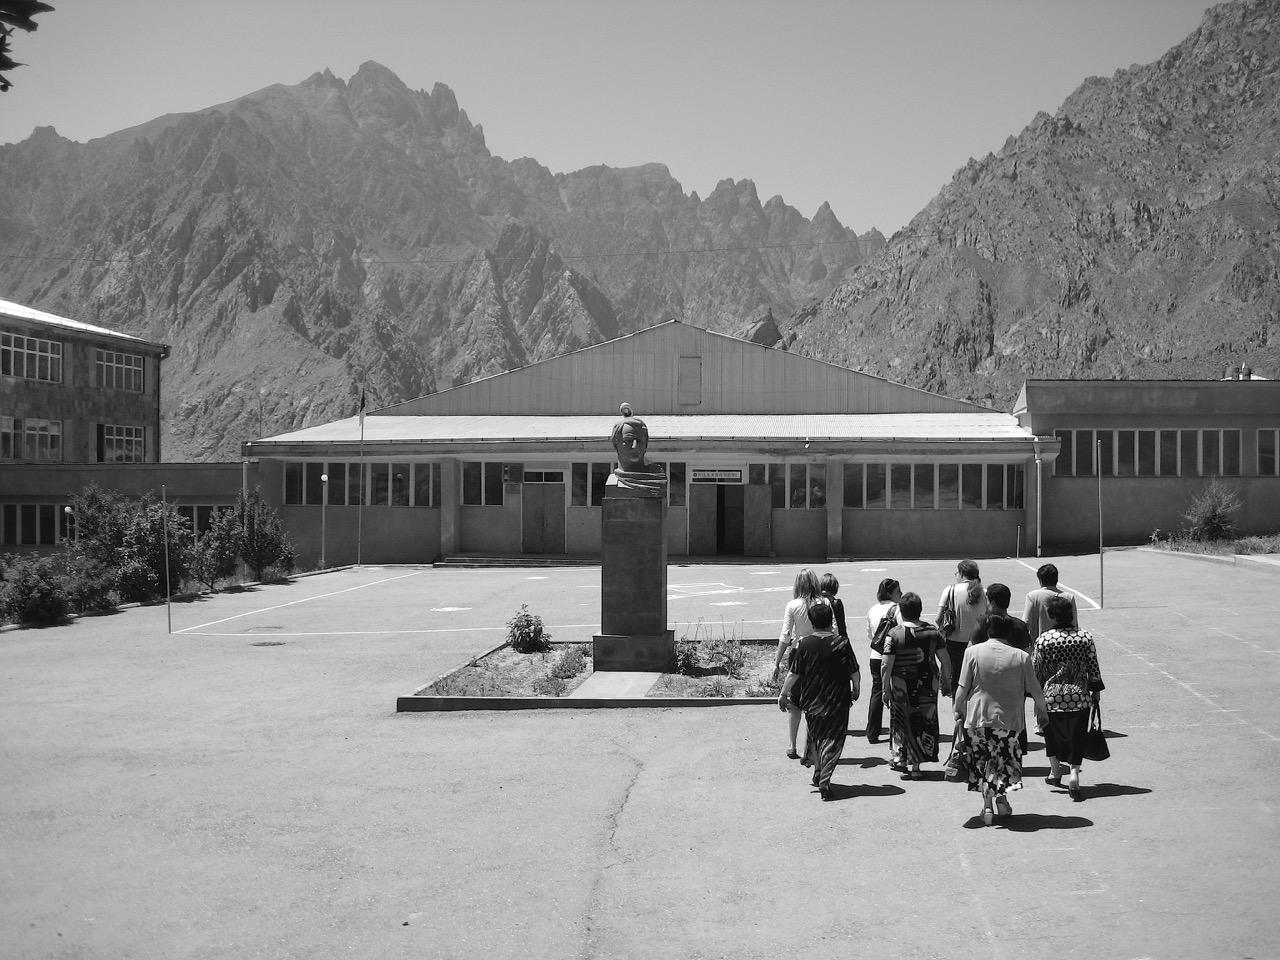 Foto: Agarak. Aus: Eriwan. Kapitel 4. Aufzeichnungen aus Armenien von Marc Degens.